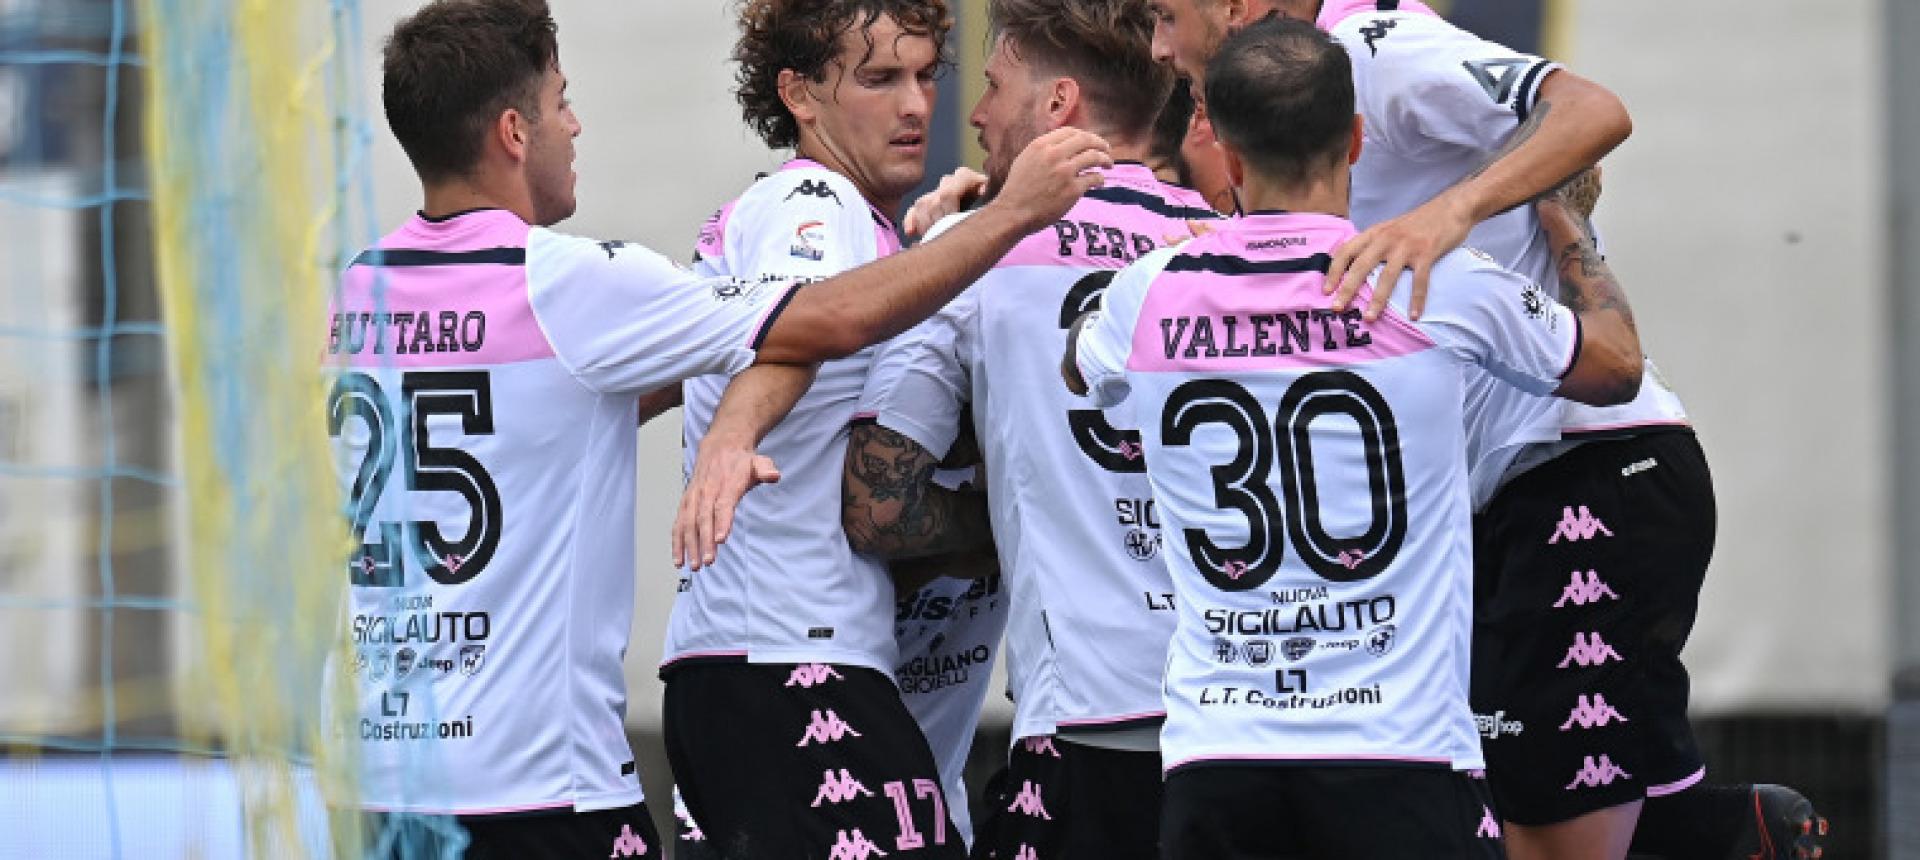 Palermo-Campobasso: le formazioni ufficiali